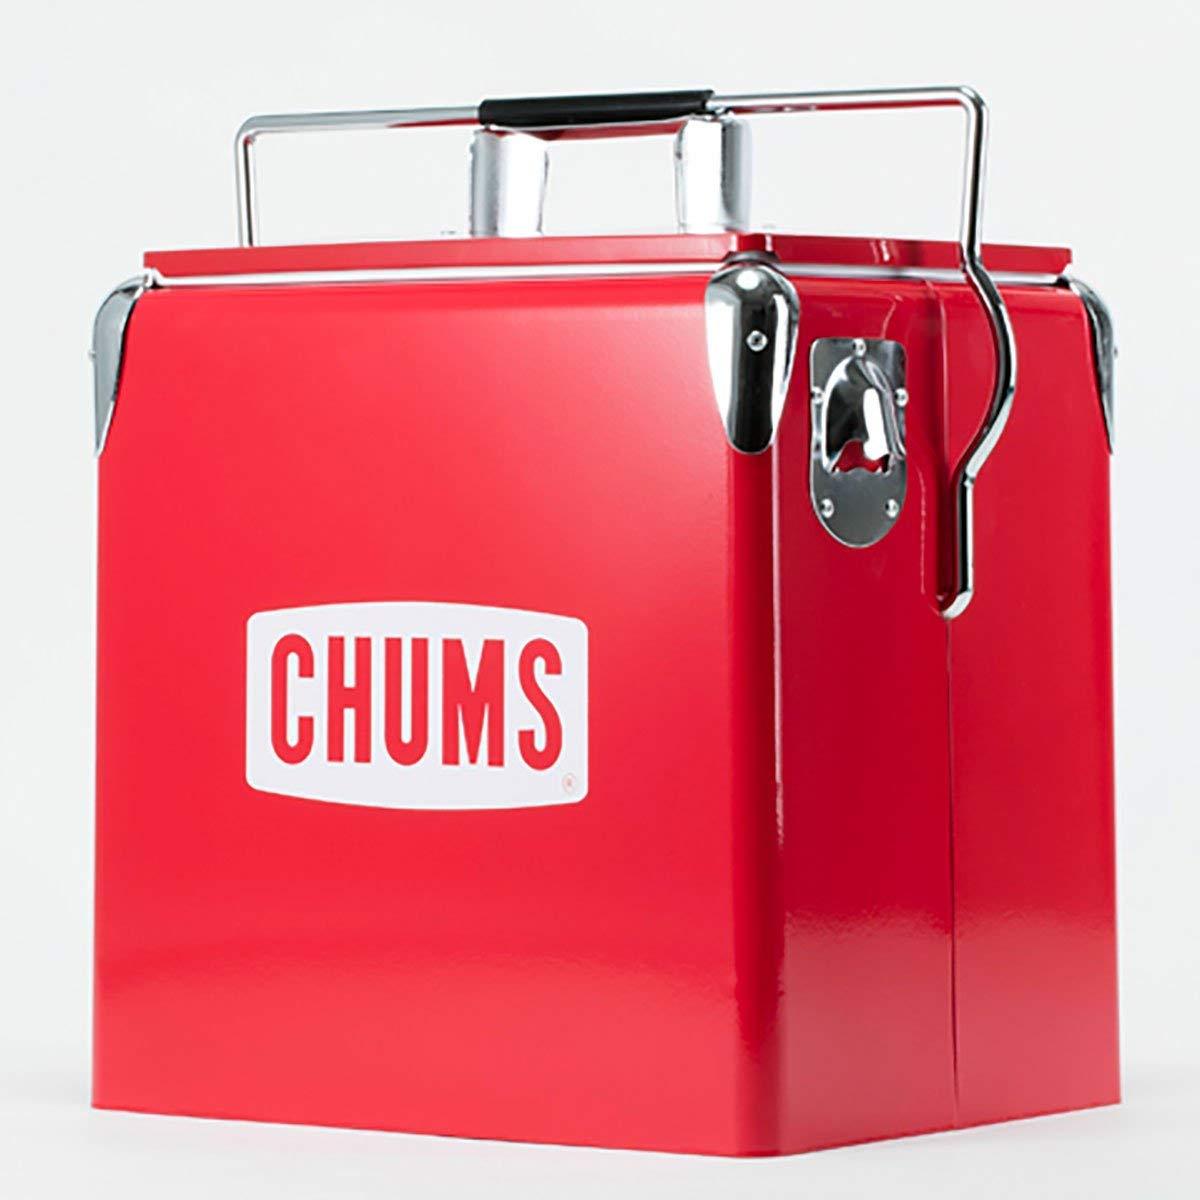 CHUMS(チャムス)/スチール クーラーボックス